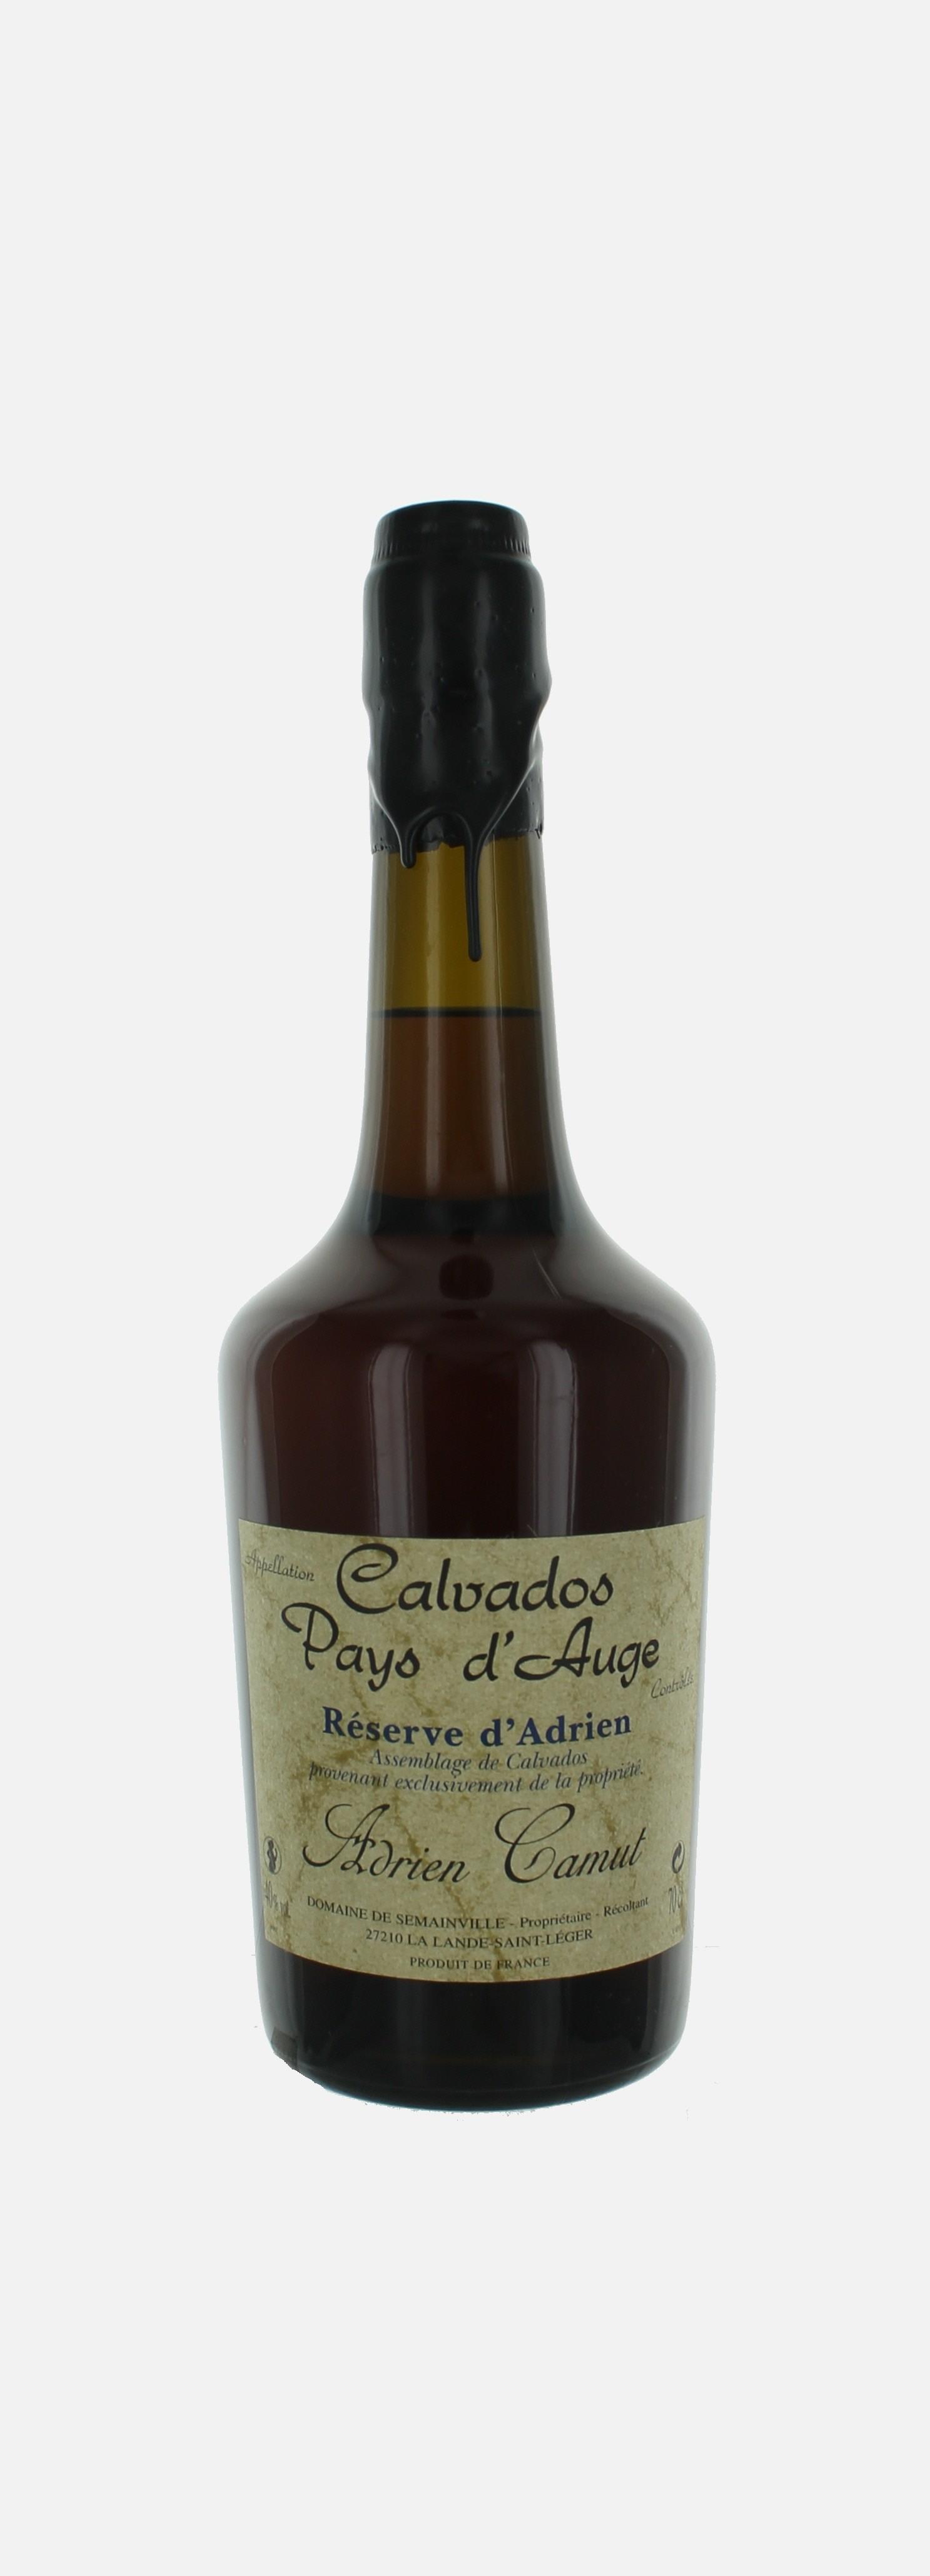 Calvados Pays D'Auge  Camut, Réserve Adrien